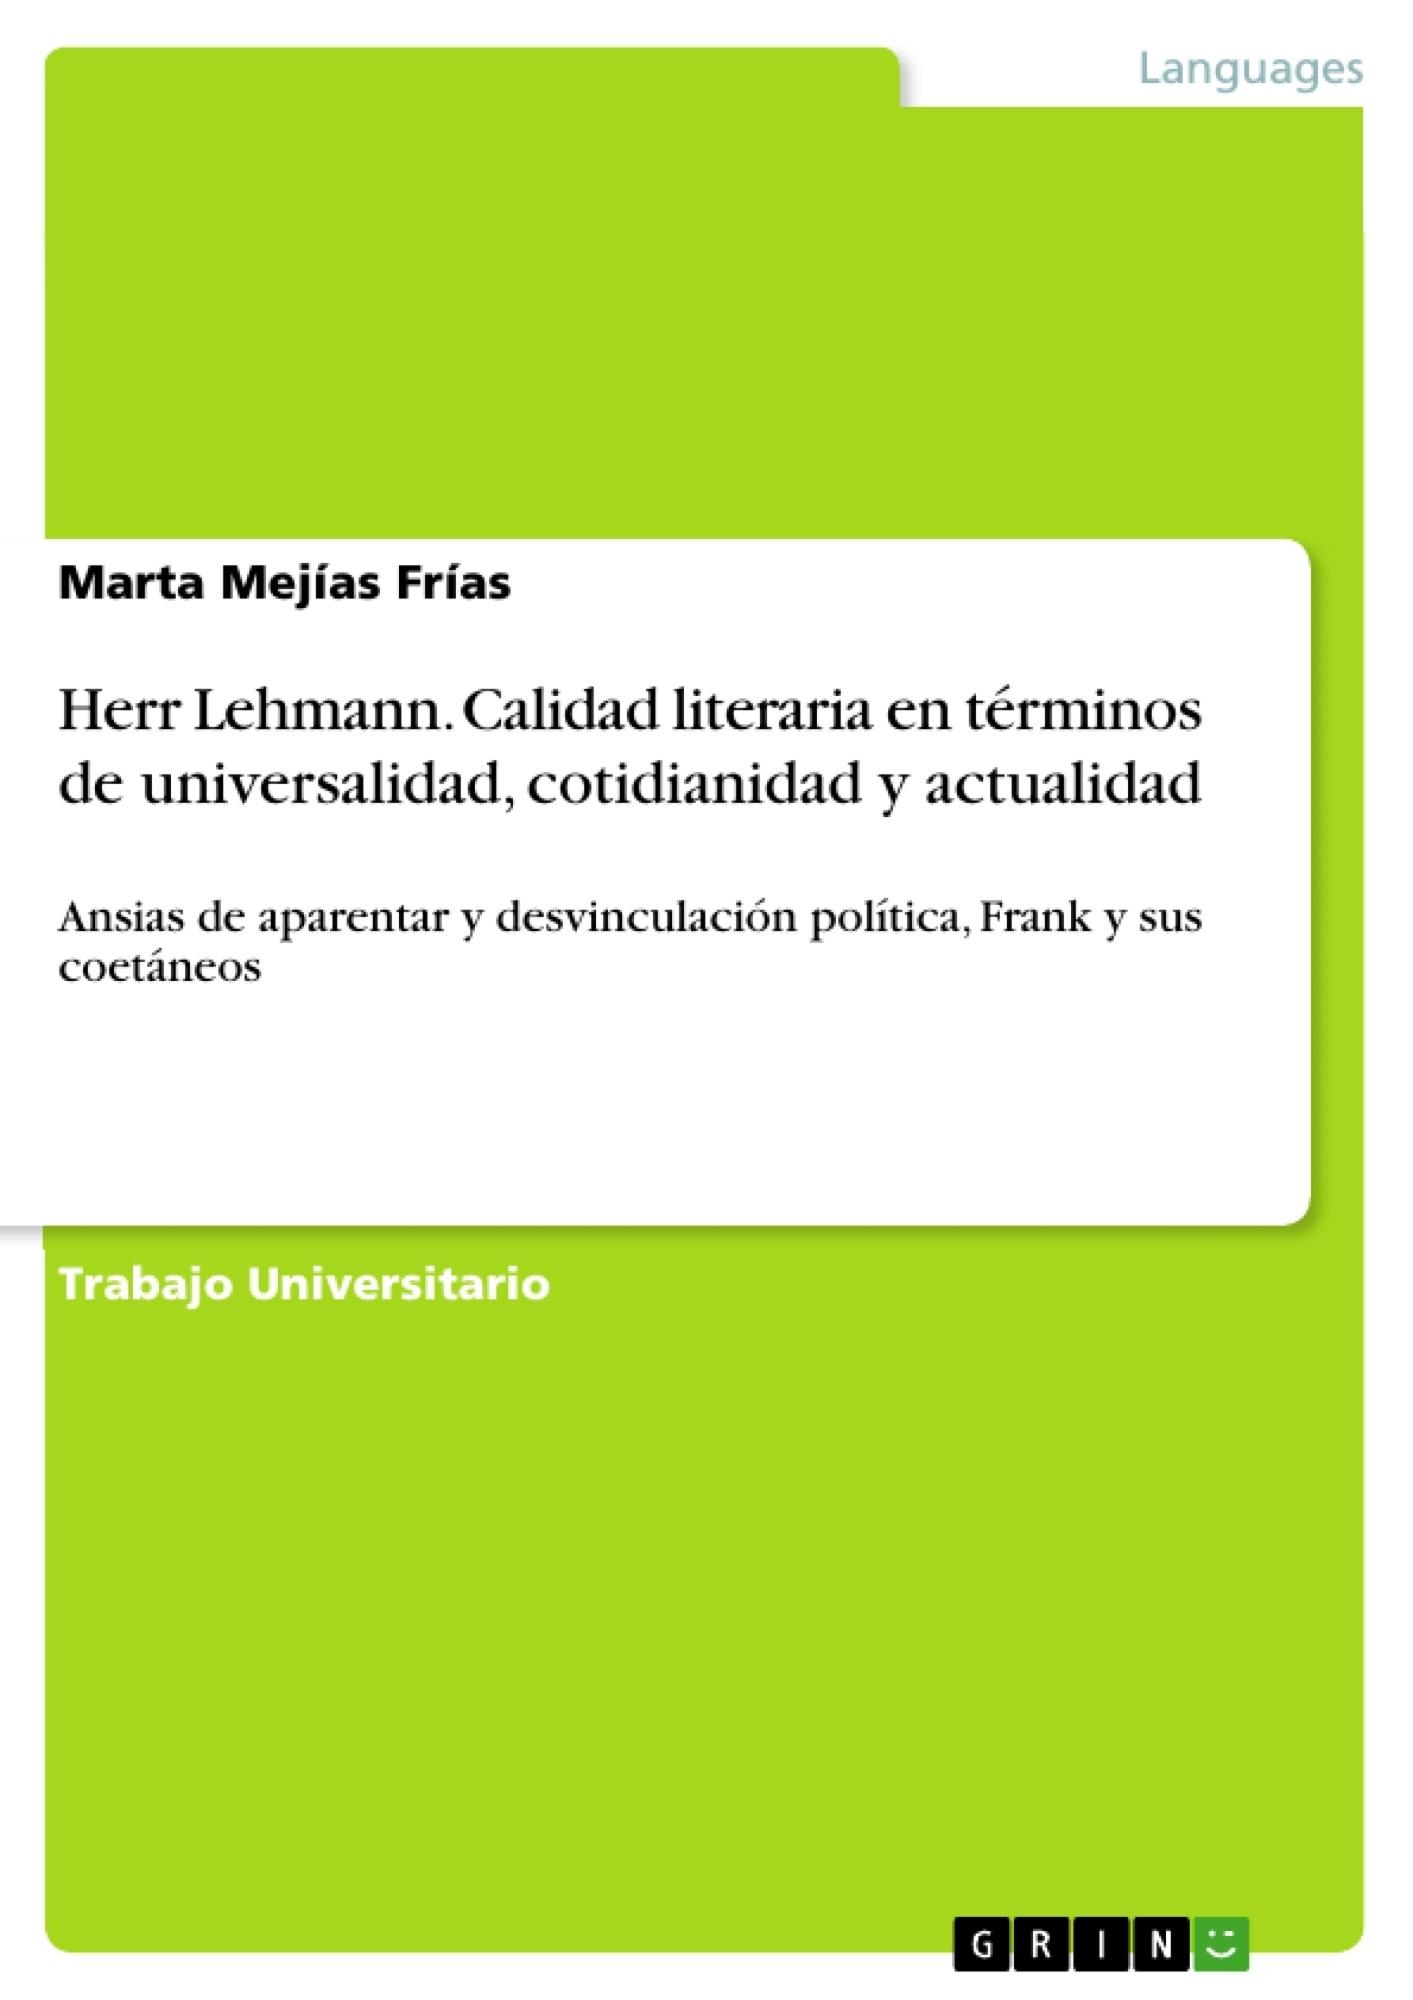 Título: Herr Lehmann. Calidad literaria en términos de universalidad, cotidianidad y actualidad